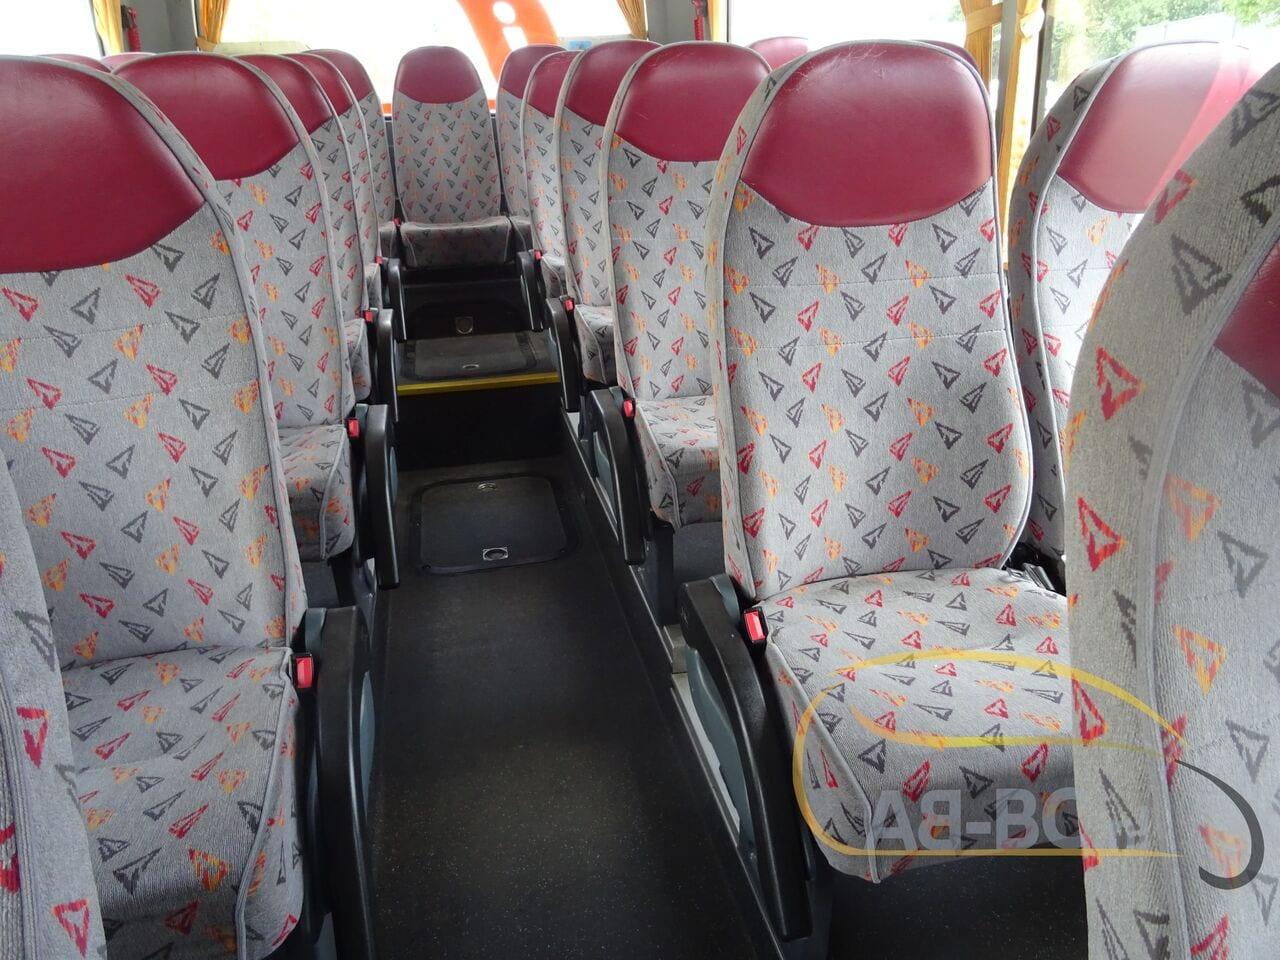 coach-busTEMSA-Safari-RD-DAF-Motor-53-Seats-Euro-5---1623932556969830025_big_f0d2e7f94f0f68475d319678427d1144--21061715155620919600